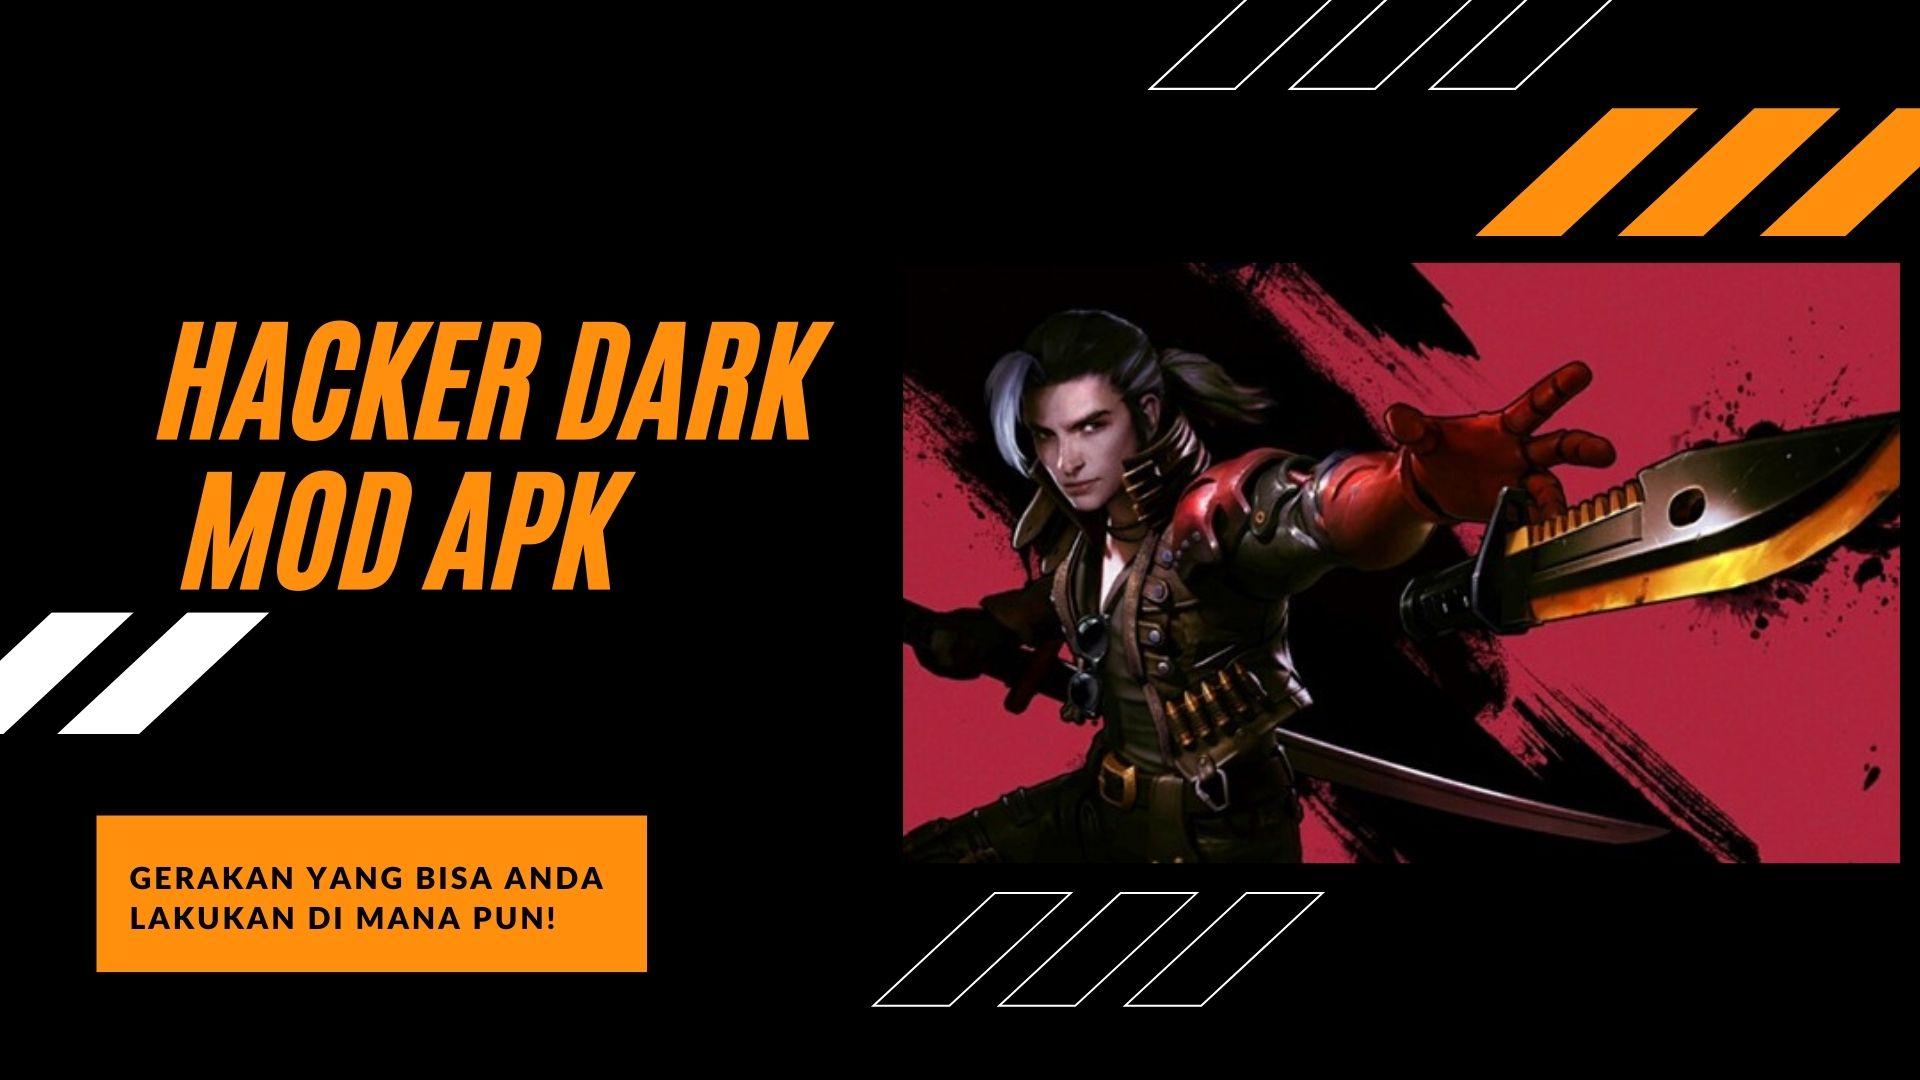 Hacker Dark VIP Mod Apk